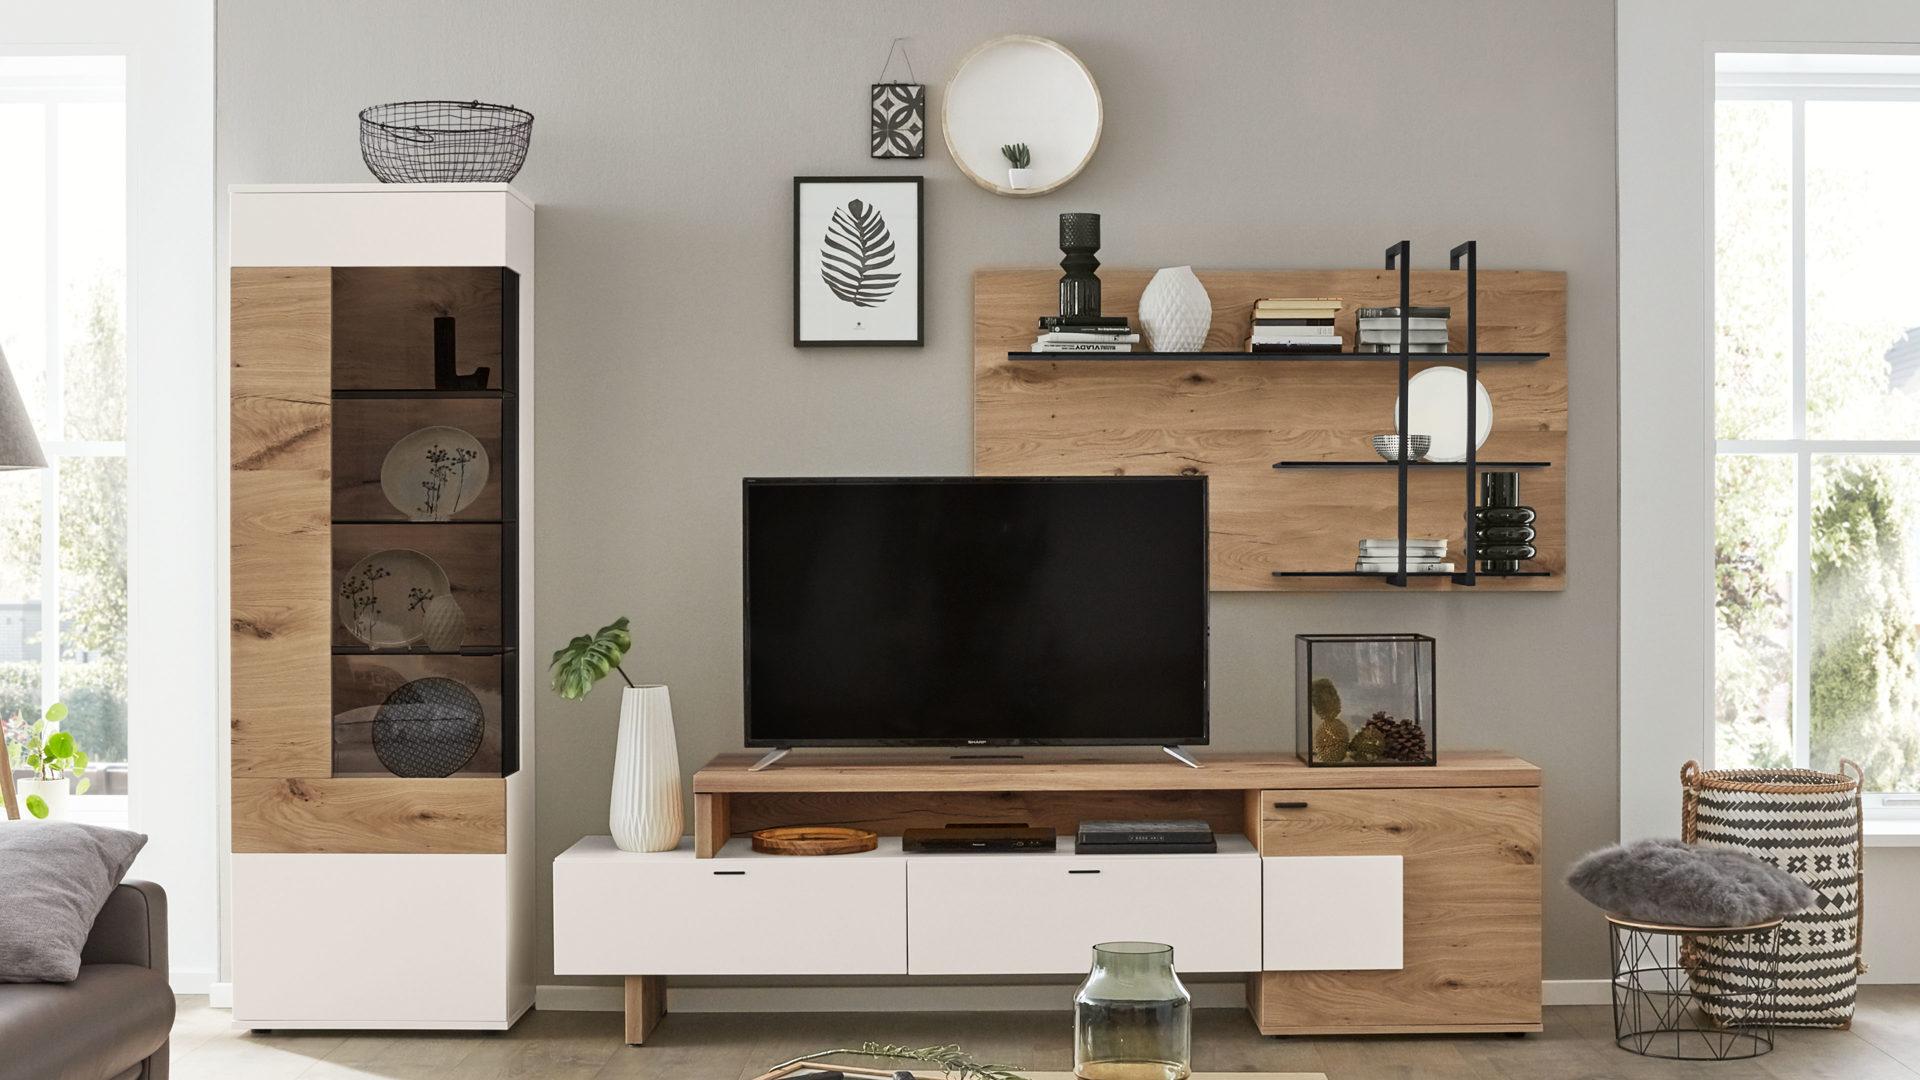 Interliving Wohnzimmer Serie 3 – Wohnkombination, weiße Lackoberflächen  & Balkeneiche – dreiteilig, ca. 3 cm